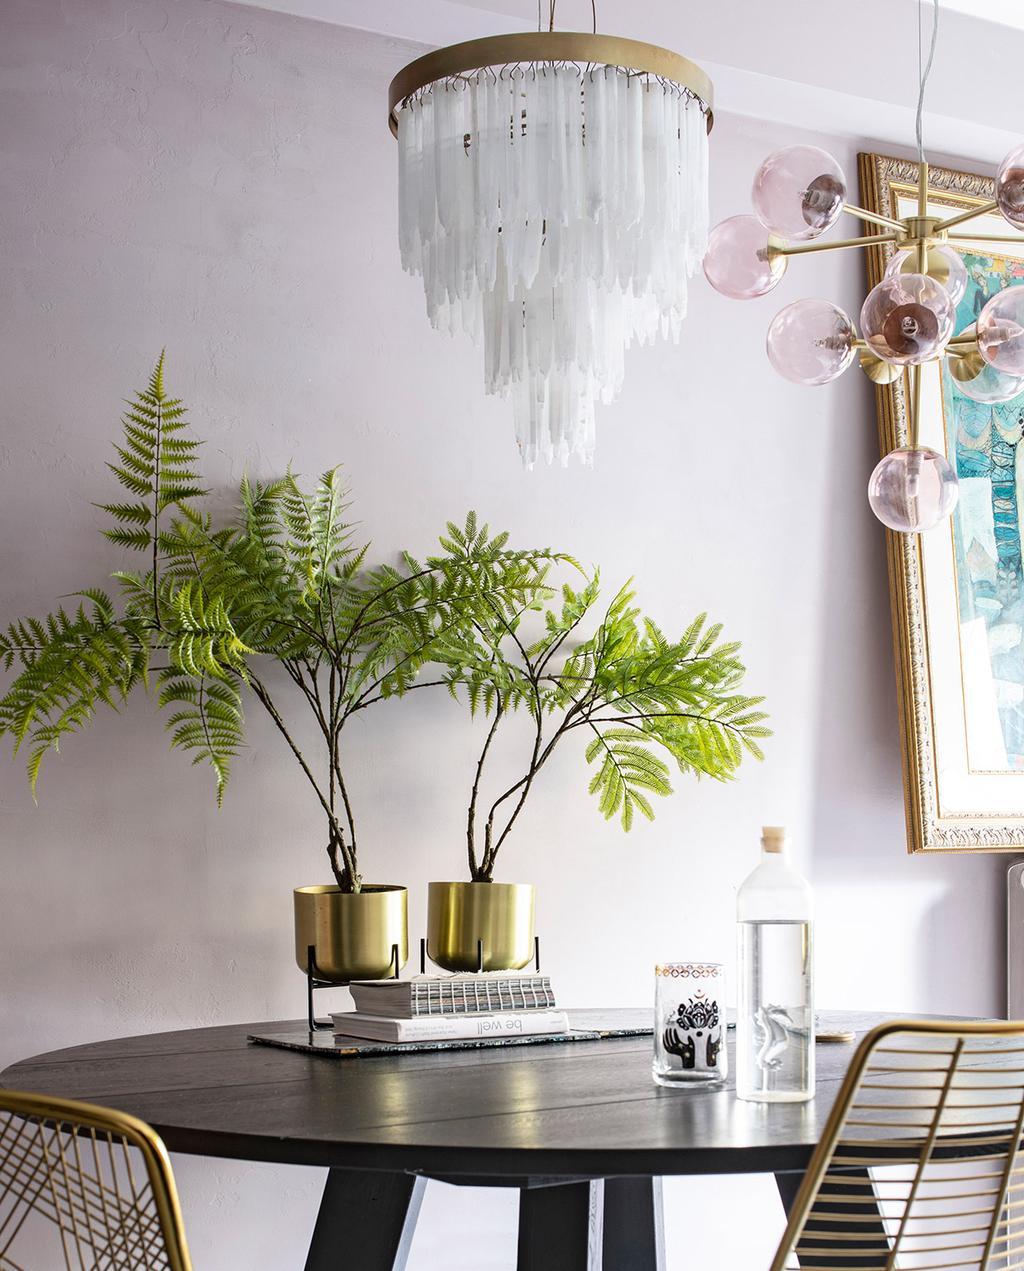 vtwonen 06-2021 | twee hanglampen met gouden details boven de eettafel I authentiek en excentriek